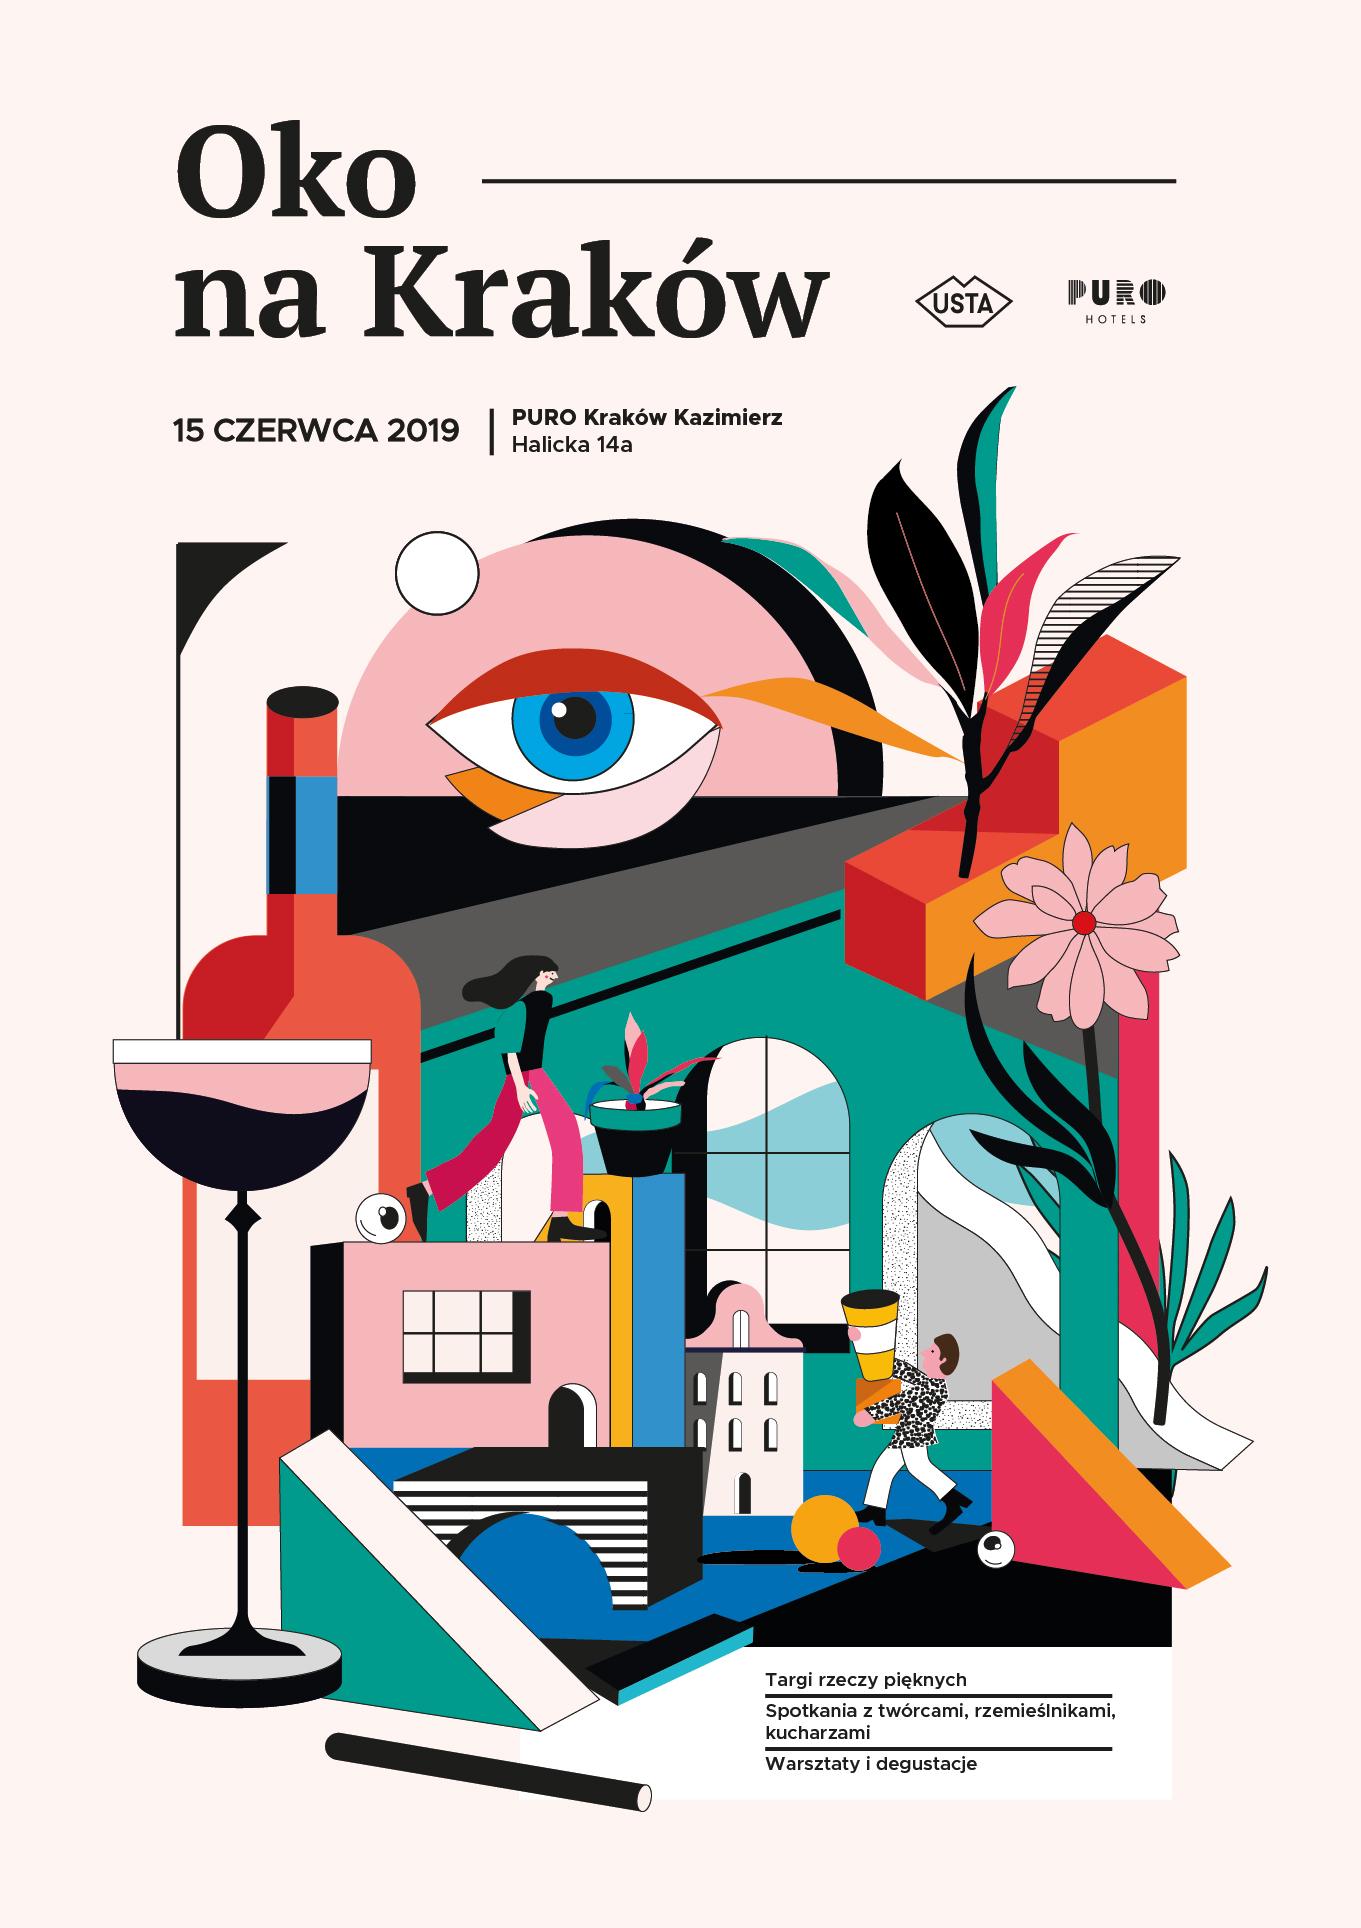 Oko na Kraków